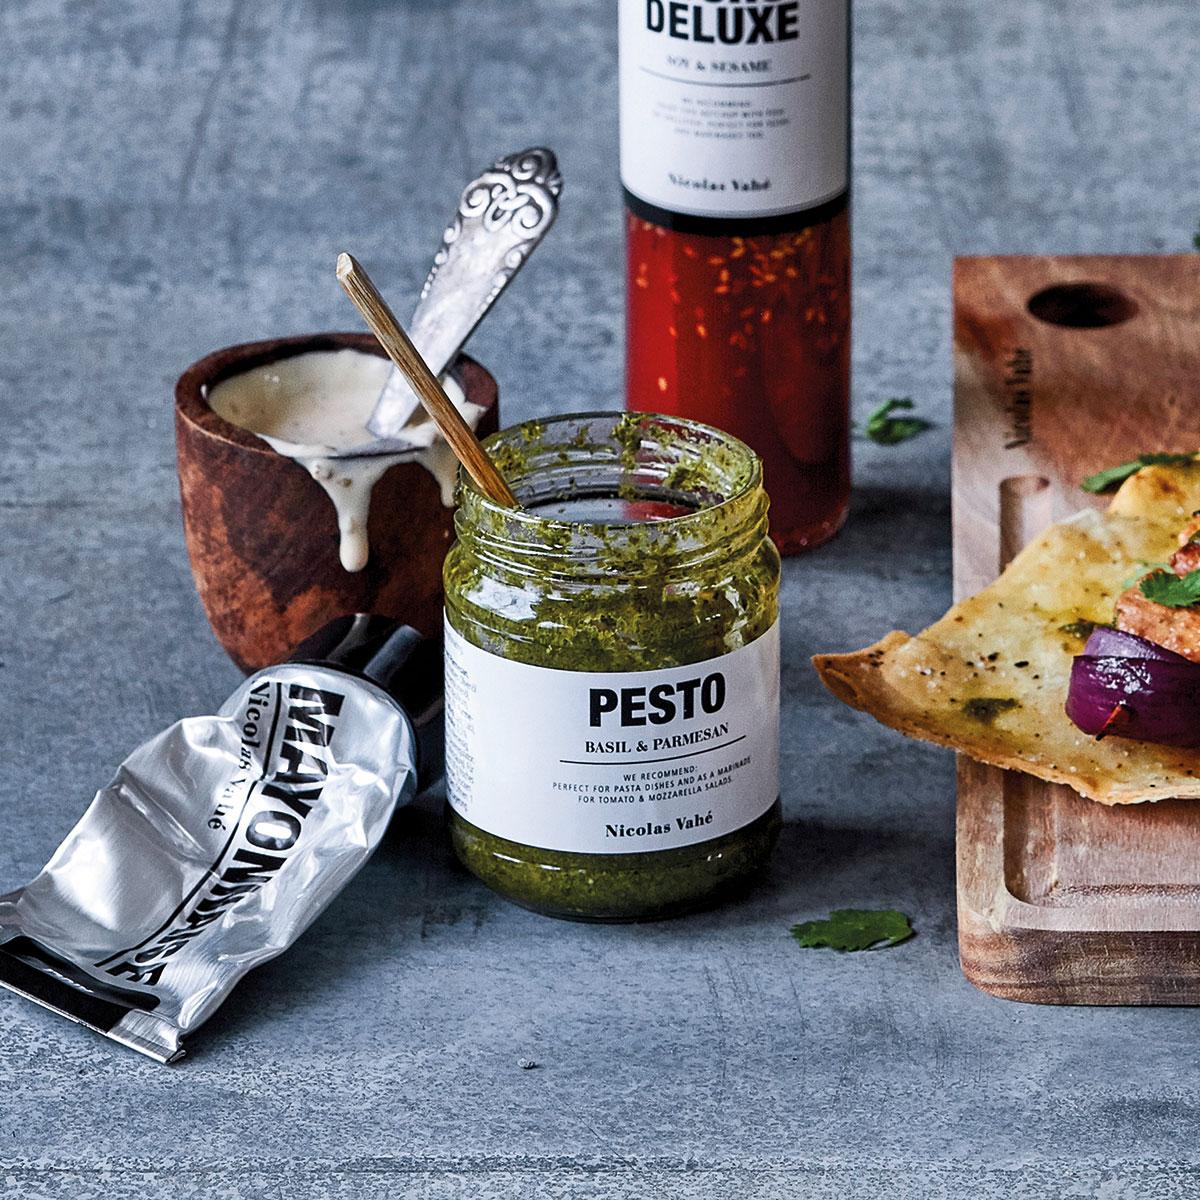 nv aw15 nv0710 pi - Pesto - Basilikum & Parmesan